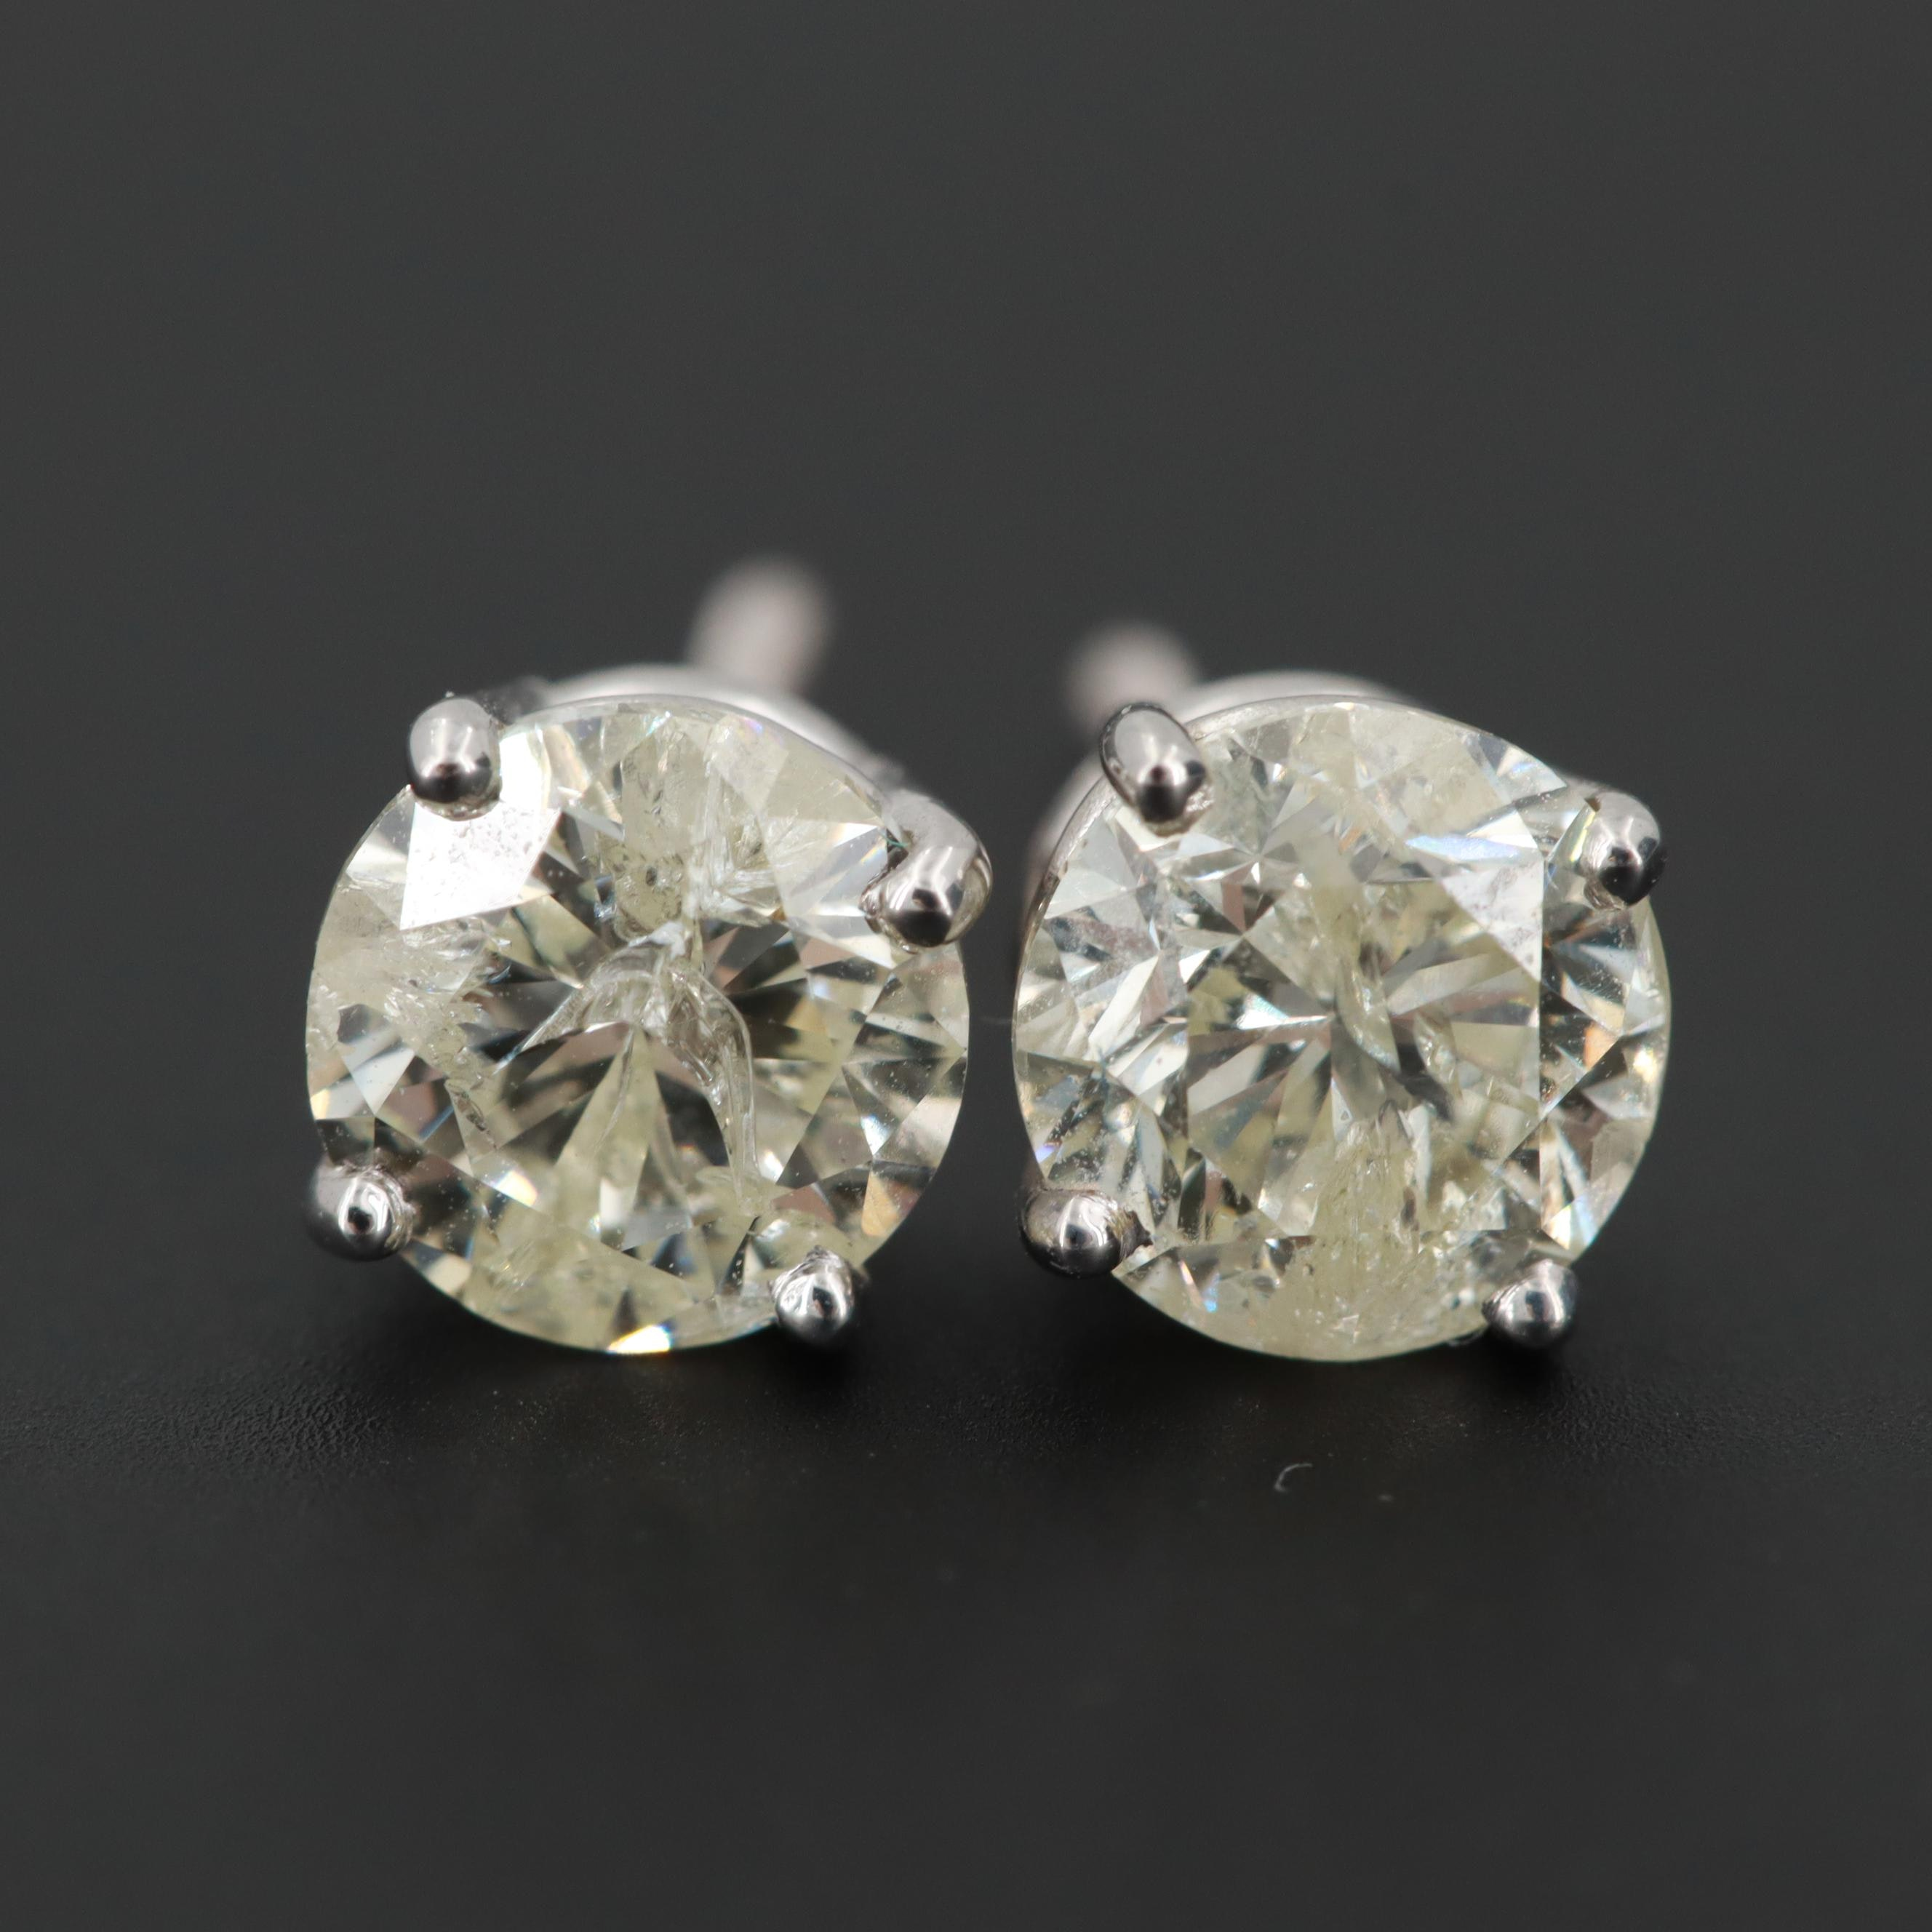 14K White Gold 1.24 CTW Diamond Earrings